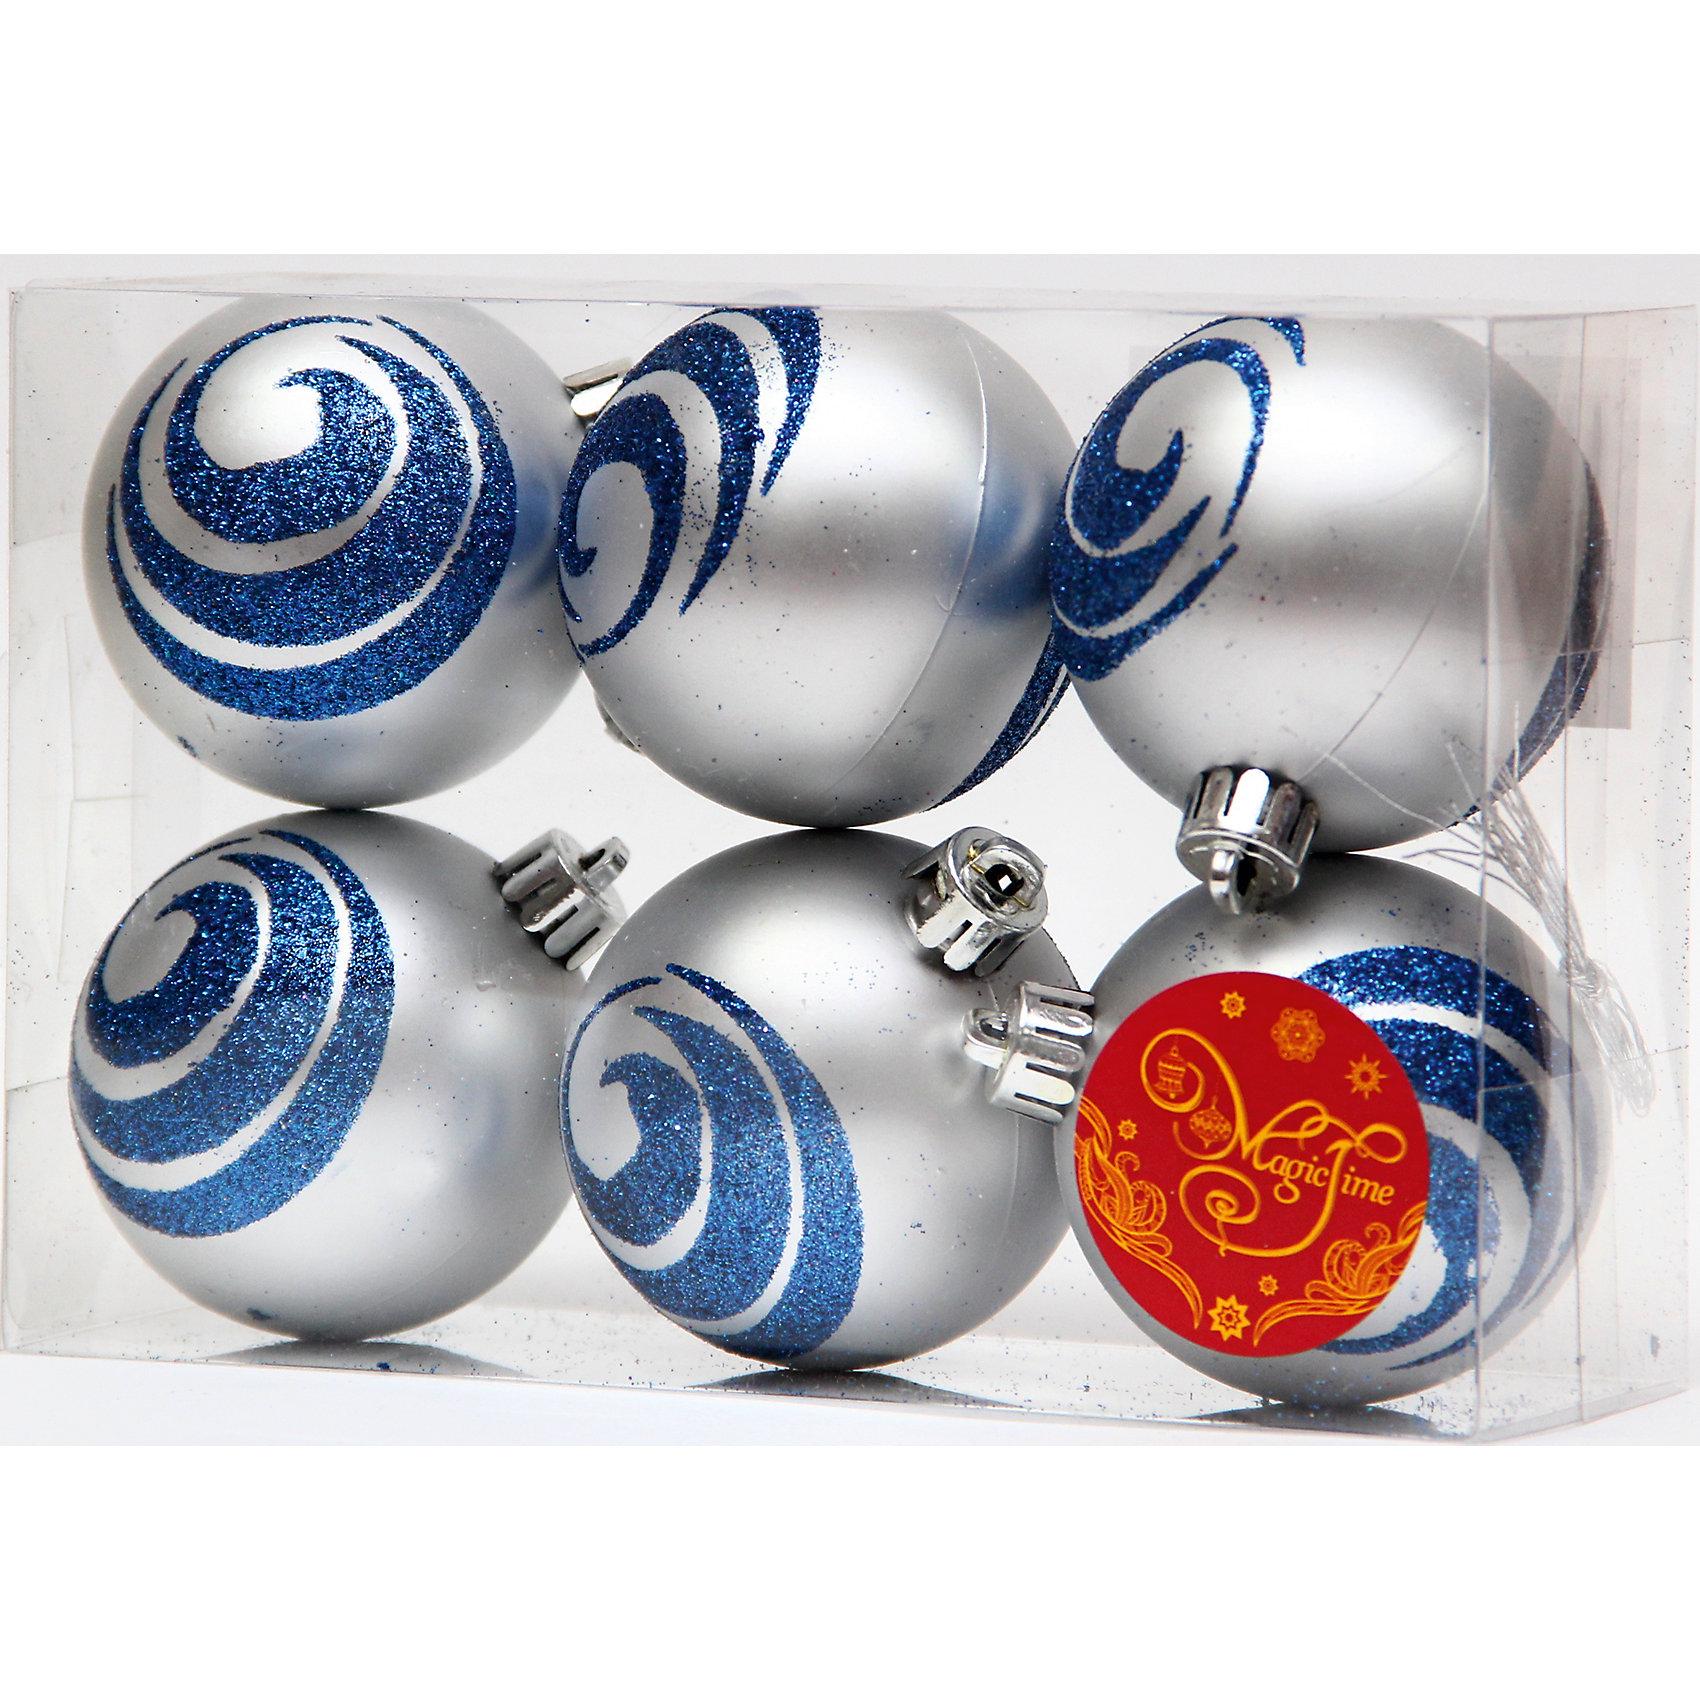 Набор шаров Синие волны 6 штНабор шаров Синие волны 6 шт - впустите атмосферу зимы и праздников в ваш дом! С этими декоративными украшениями так весело наряжать дом и радовать близких. Украшение прекрасно подойдет не только для елочки, но и для других поверхностей, например стенам или шторам. У каждого шарика имеется отверстие для тонкого шнурка (входит в комплект), с помощью которого шарики можно прикреплять. При желании можно использовать другие шнурки на выбор или тонкую ленту. Симпатичные матовые серебряные шарики декорированы темно блестками, чтобы помочь создать идеальную композицию. Шарики изготовлены из синтетического материала и не разобьются в случае падения. <br><br>Дополнительная информация:<br>- В комплект входят: 6 шаров, 6 тонких шнурков<br>- Размер: 6 см.<br>- Материал: полистирол<br>- Объемные <br>Набор шаров Синие волны 6 шт можно купить в нашем интернет-магазине.<br>Подробнее:<br>• Для детей в возрасте: от 3 лет<br>• Номер товара: 4981461<br>Страна производитель: Китай<br><br>Ширина мм: 300<br>Глубина мм: 250<br>Высота мм: 100<br>Вес г: 78<br>Возраст от месяцев: 36<br>Возраст до месяцев: 2147483647<br>Пол: Унисекс<br>Возраст: Детский<br>SKU: 4981461